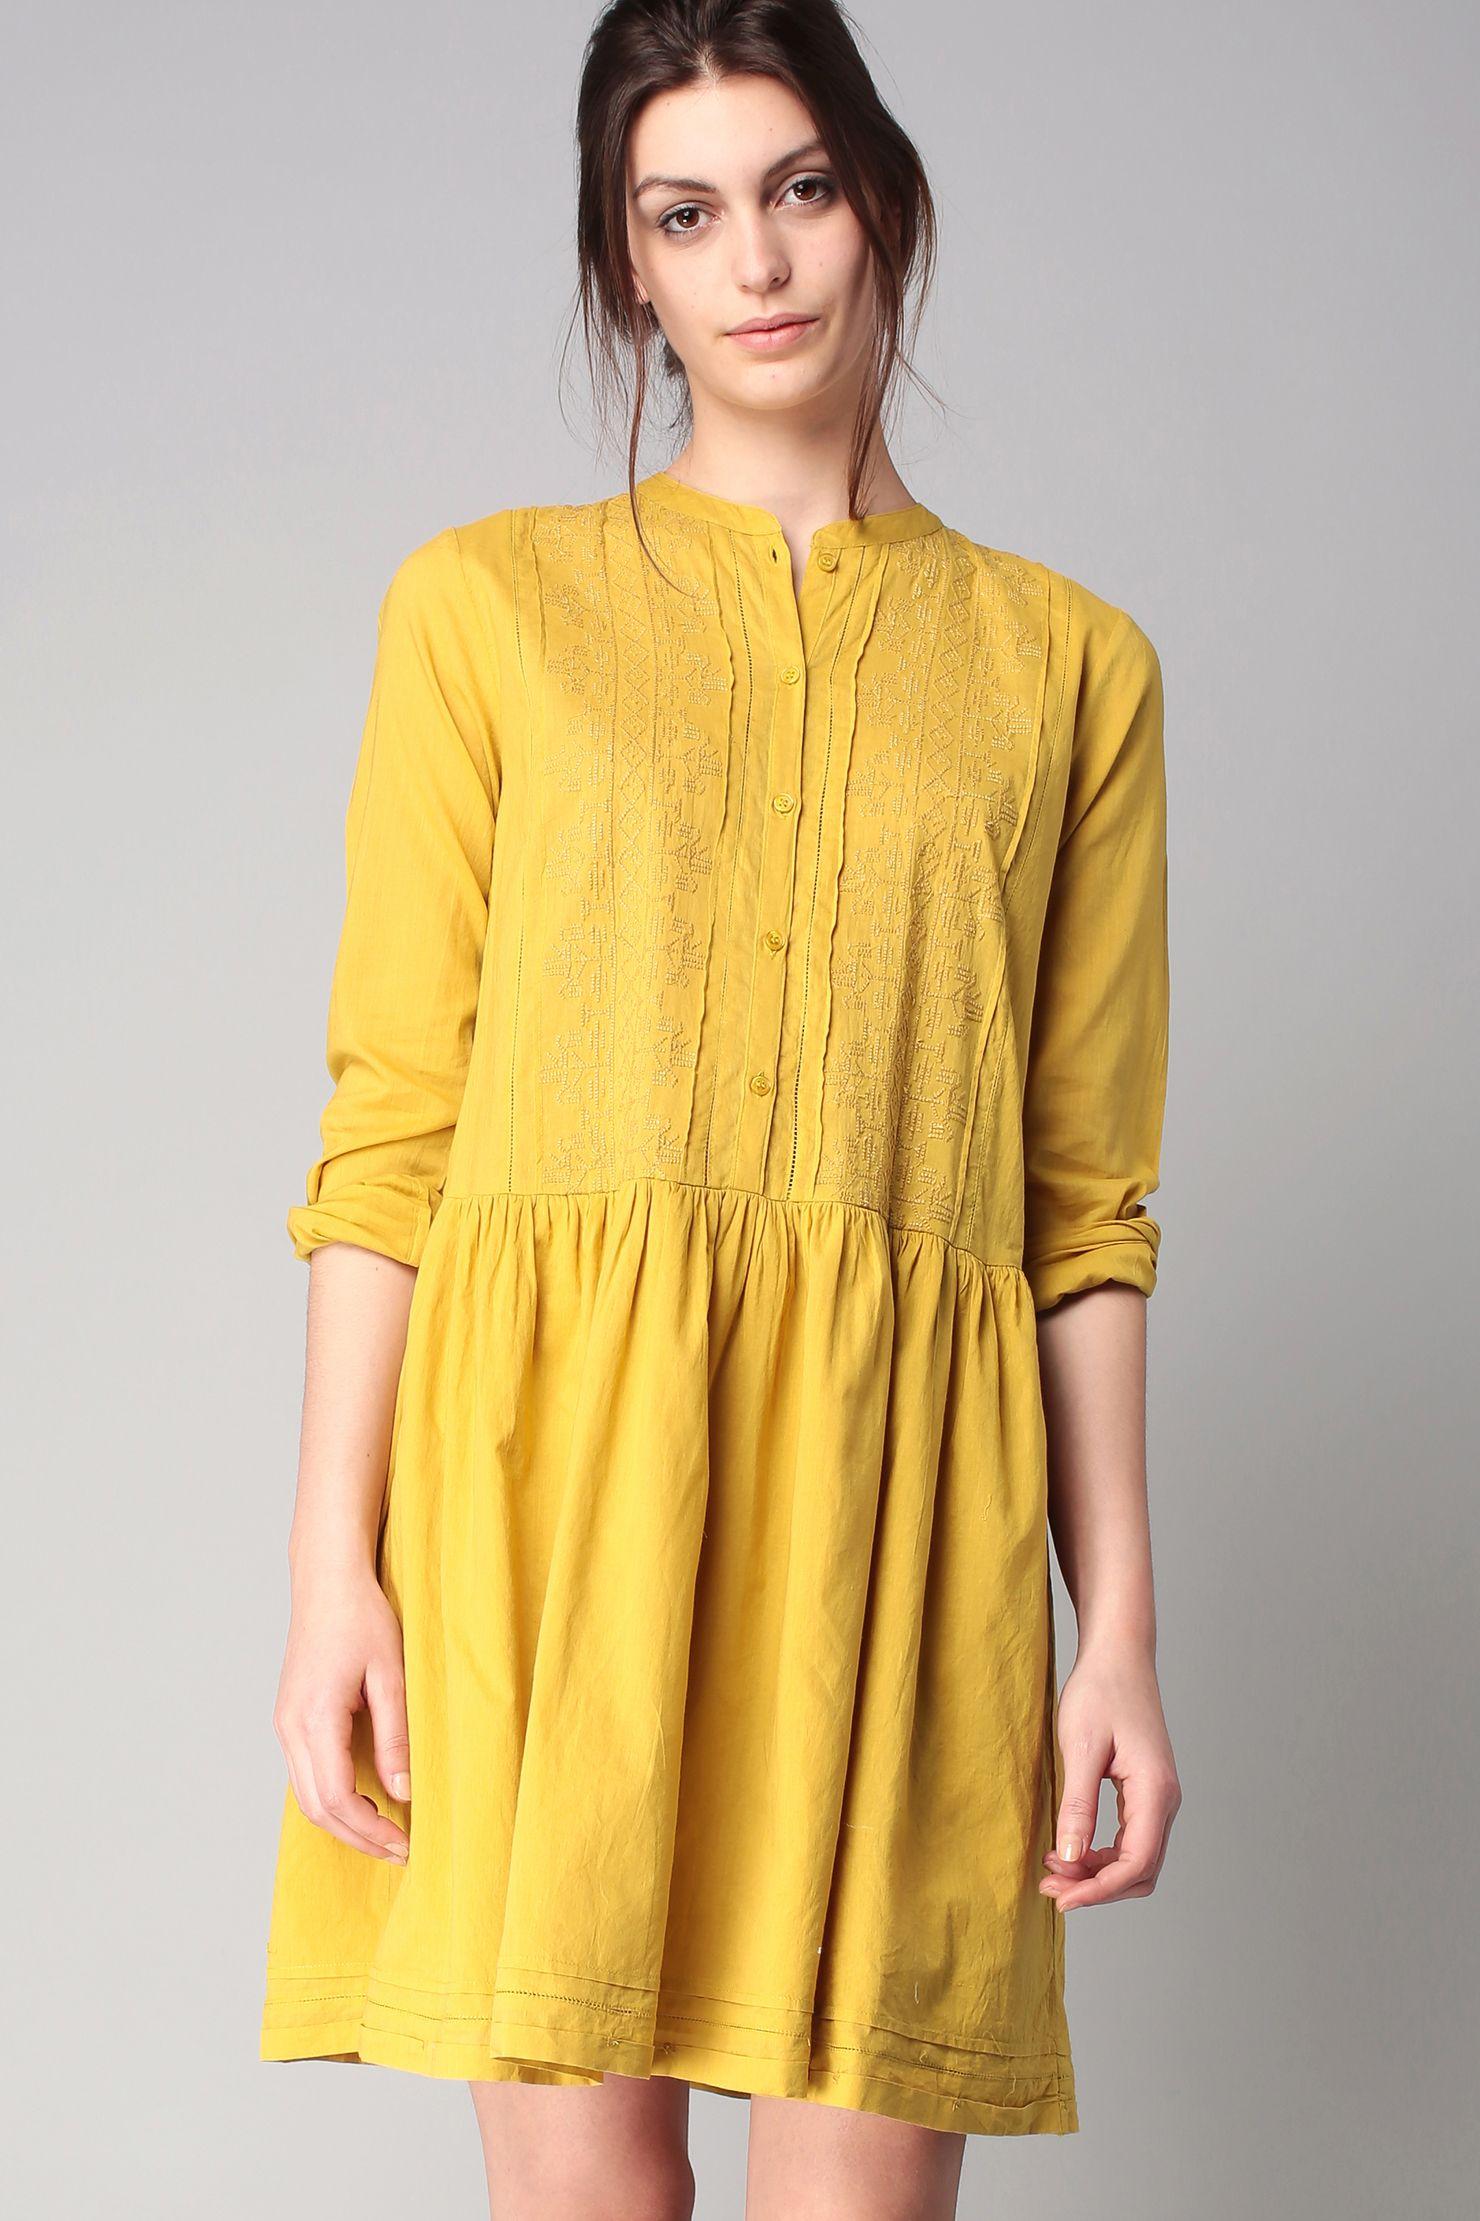 Robe jaune 52